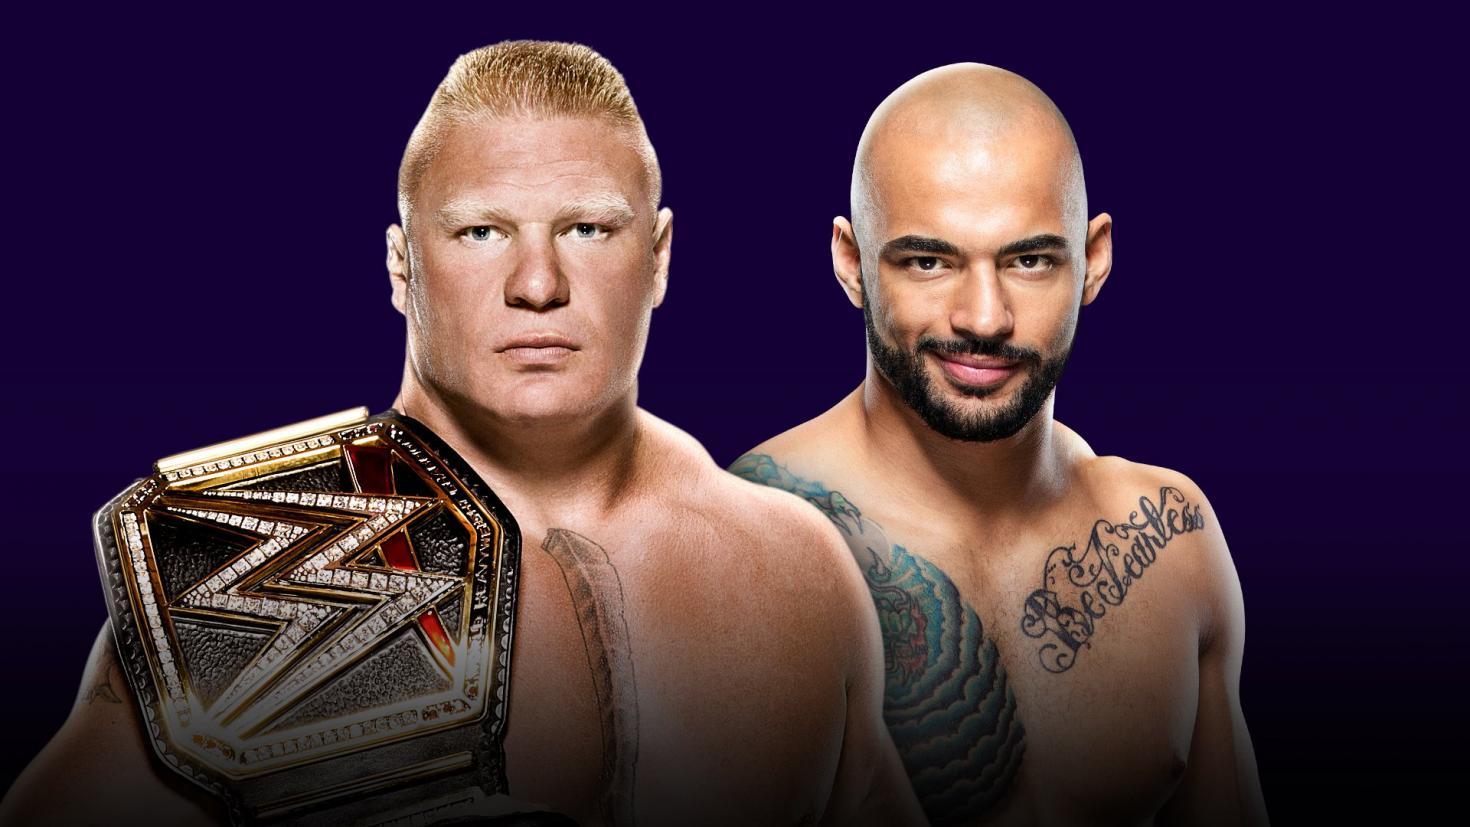 Interesting Betting Odds Revealed For WWE Super Showdown 2020 PPV 2